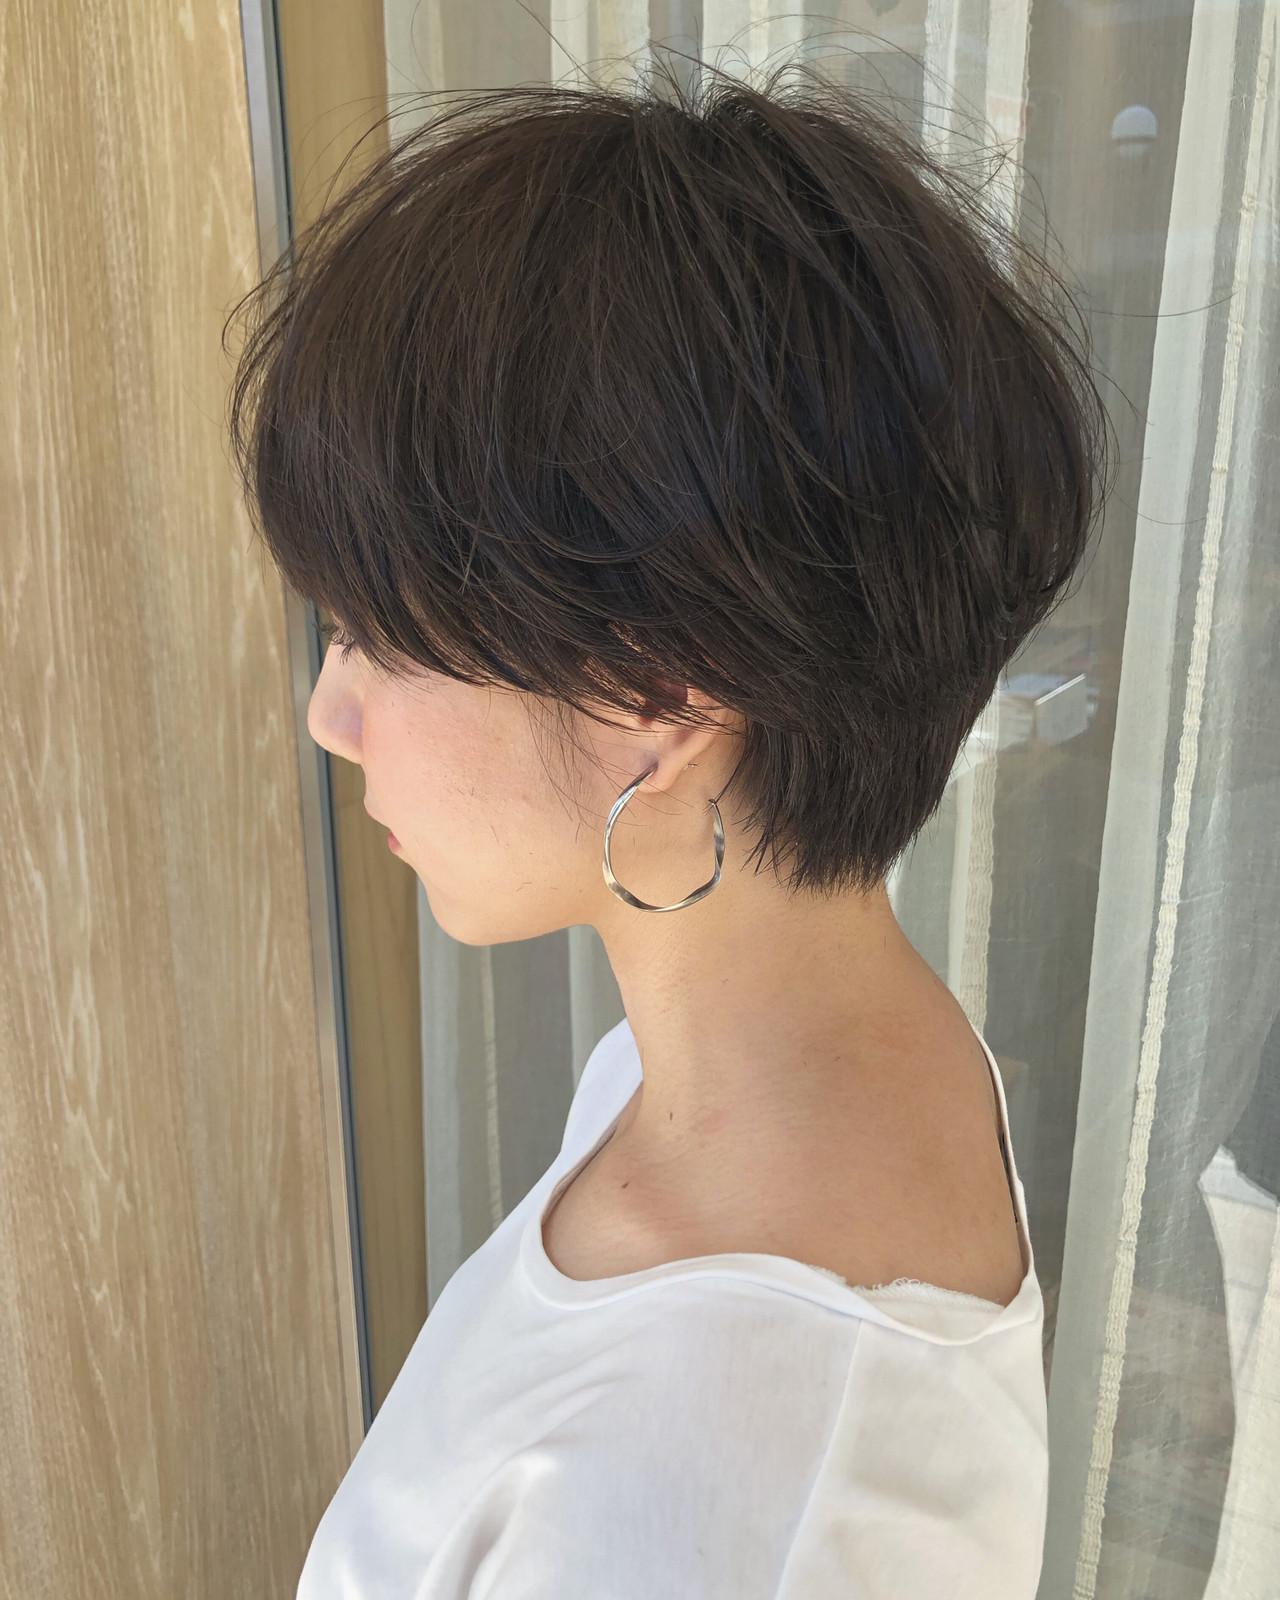 ショートヘア ショートボブ ハンサムショート ナチュラル ヘアスタイルや髪型の写真・画像 | 古関 拓弥 / TREAT HAIR DESIGN